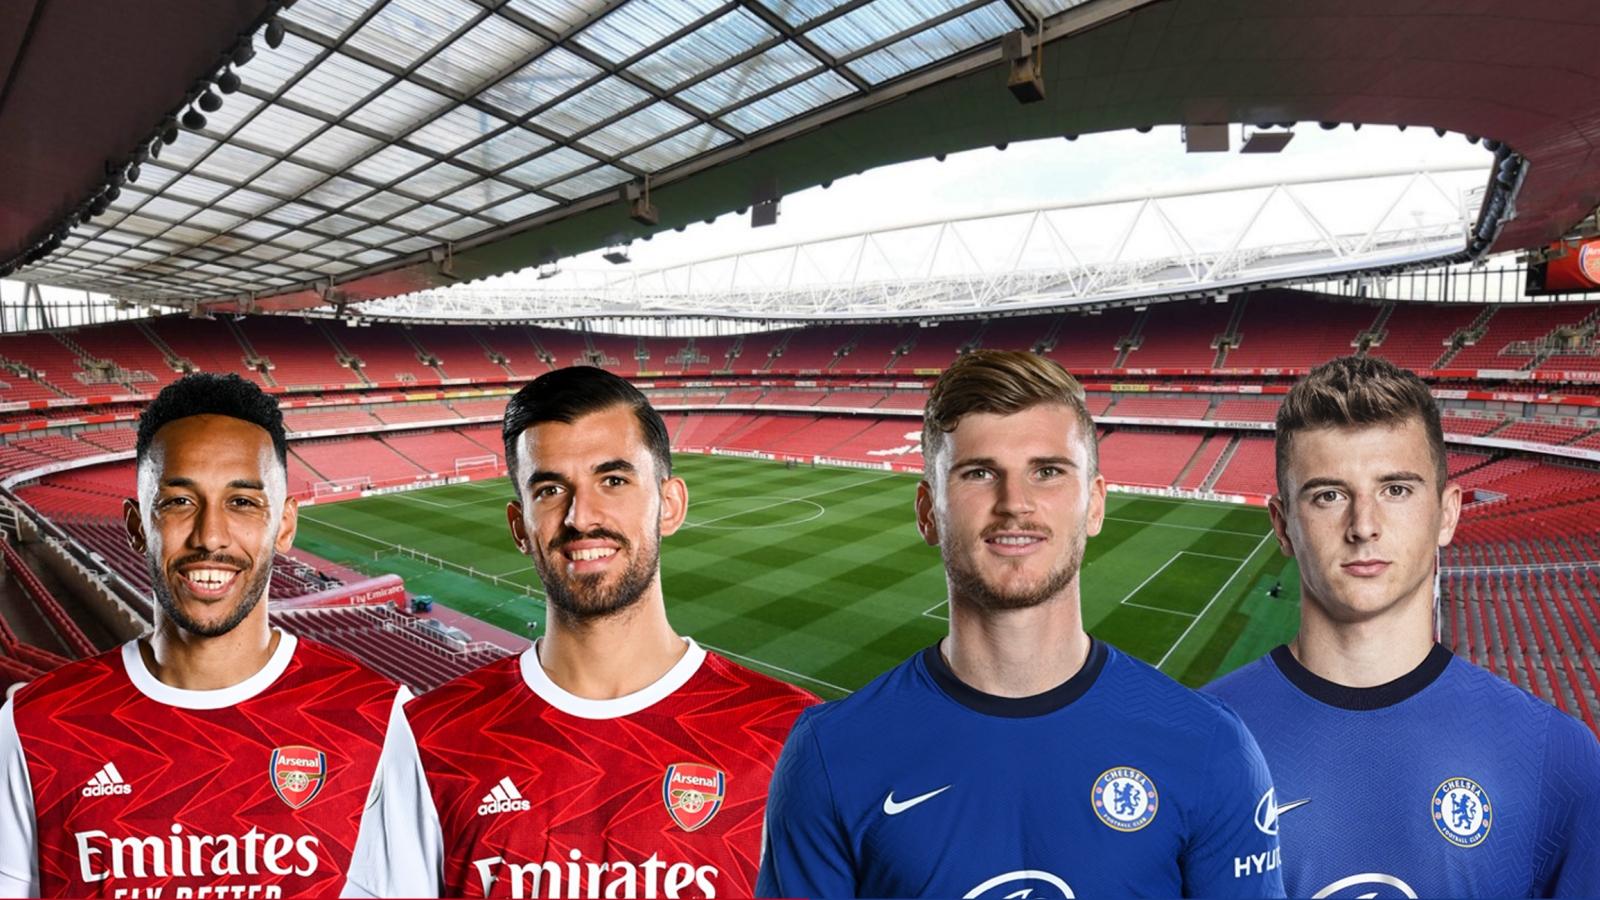 Dự đoán tỷ số, đội hình ra sân trận Arsenal - Chelsea